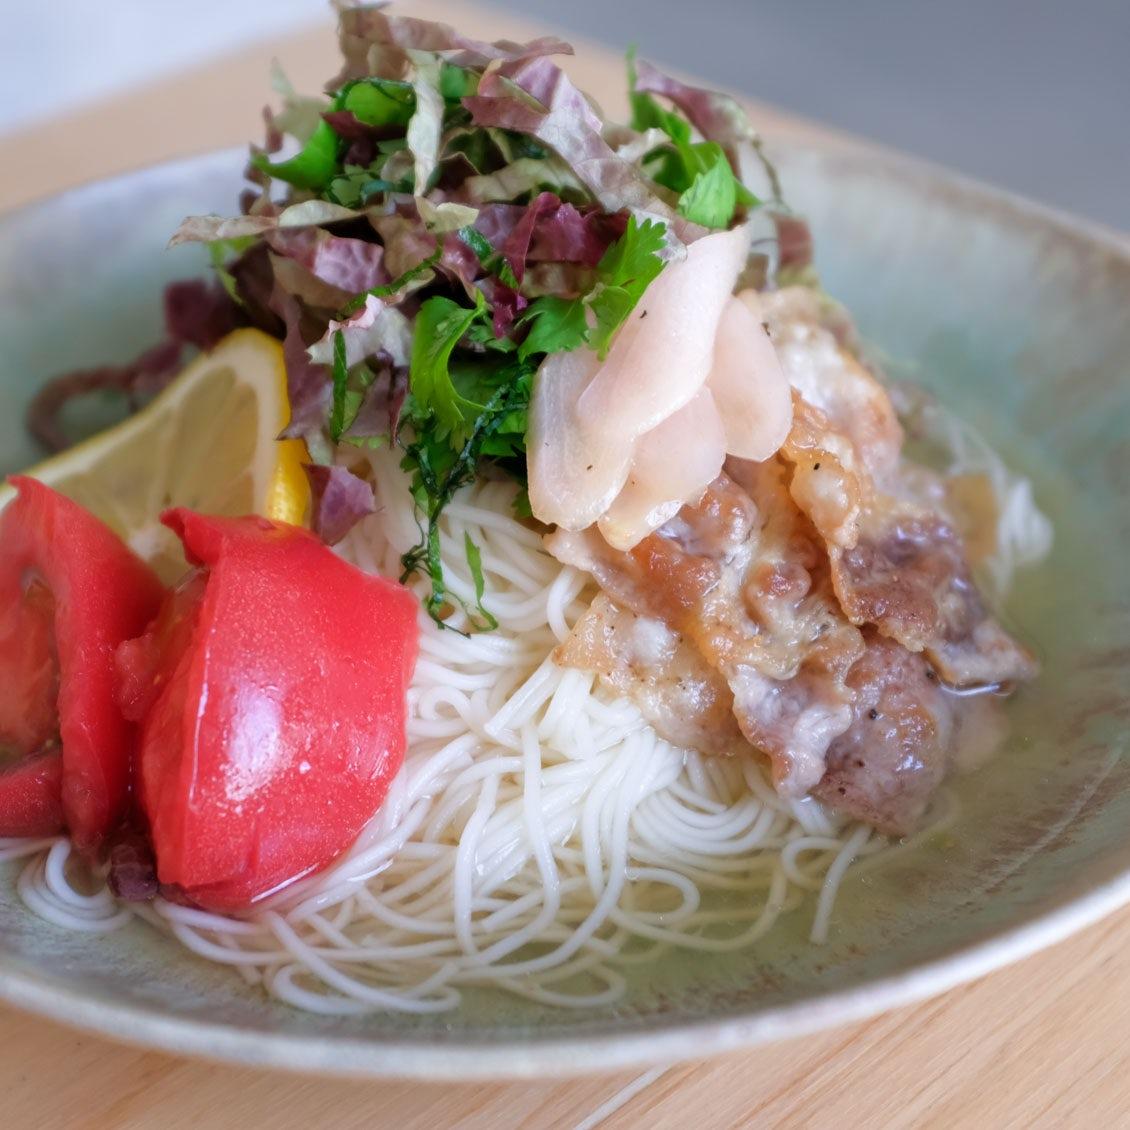 【ひと味違う、夏そうめん】第1話:野菜もお肉もさっぱりペロリ。カリカリ豚と野菜の「エスニック風そうめん」